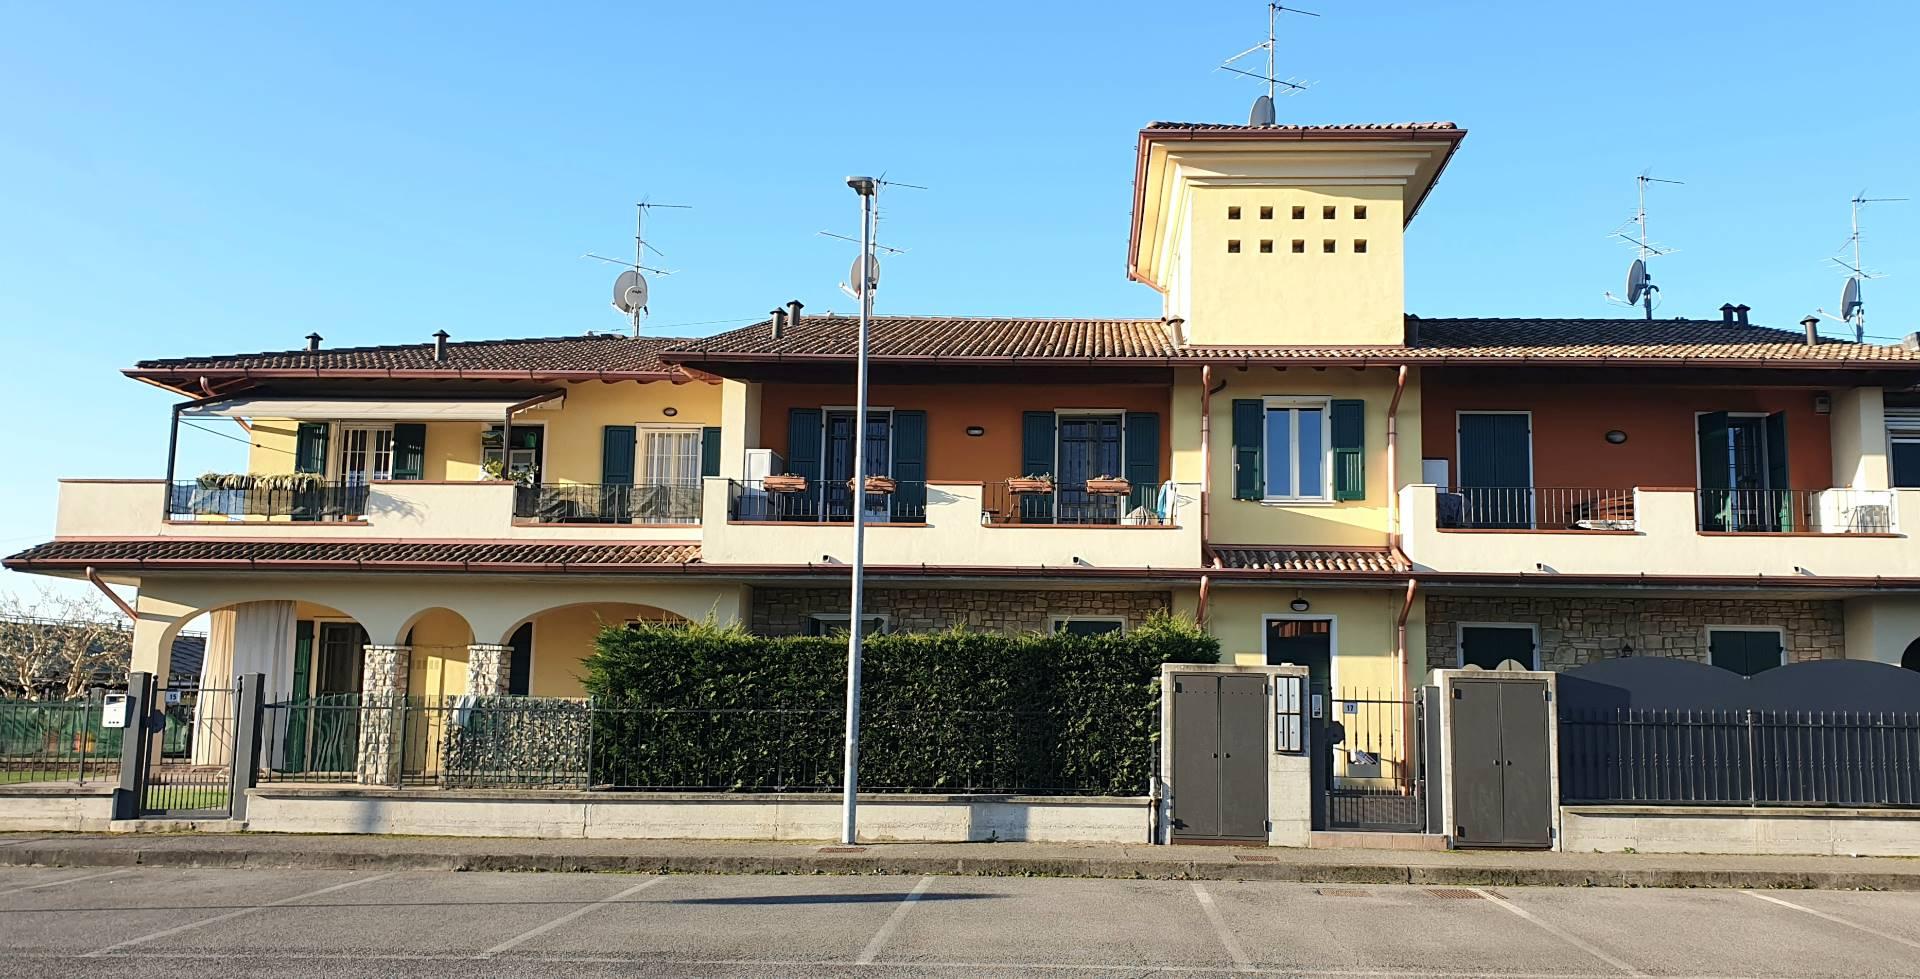 Appartamento in vendita a Ospitaletto, 3 locali, prezzo € 178.000 | PortaleAgenzieImmobiliari.it